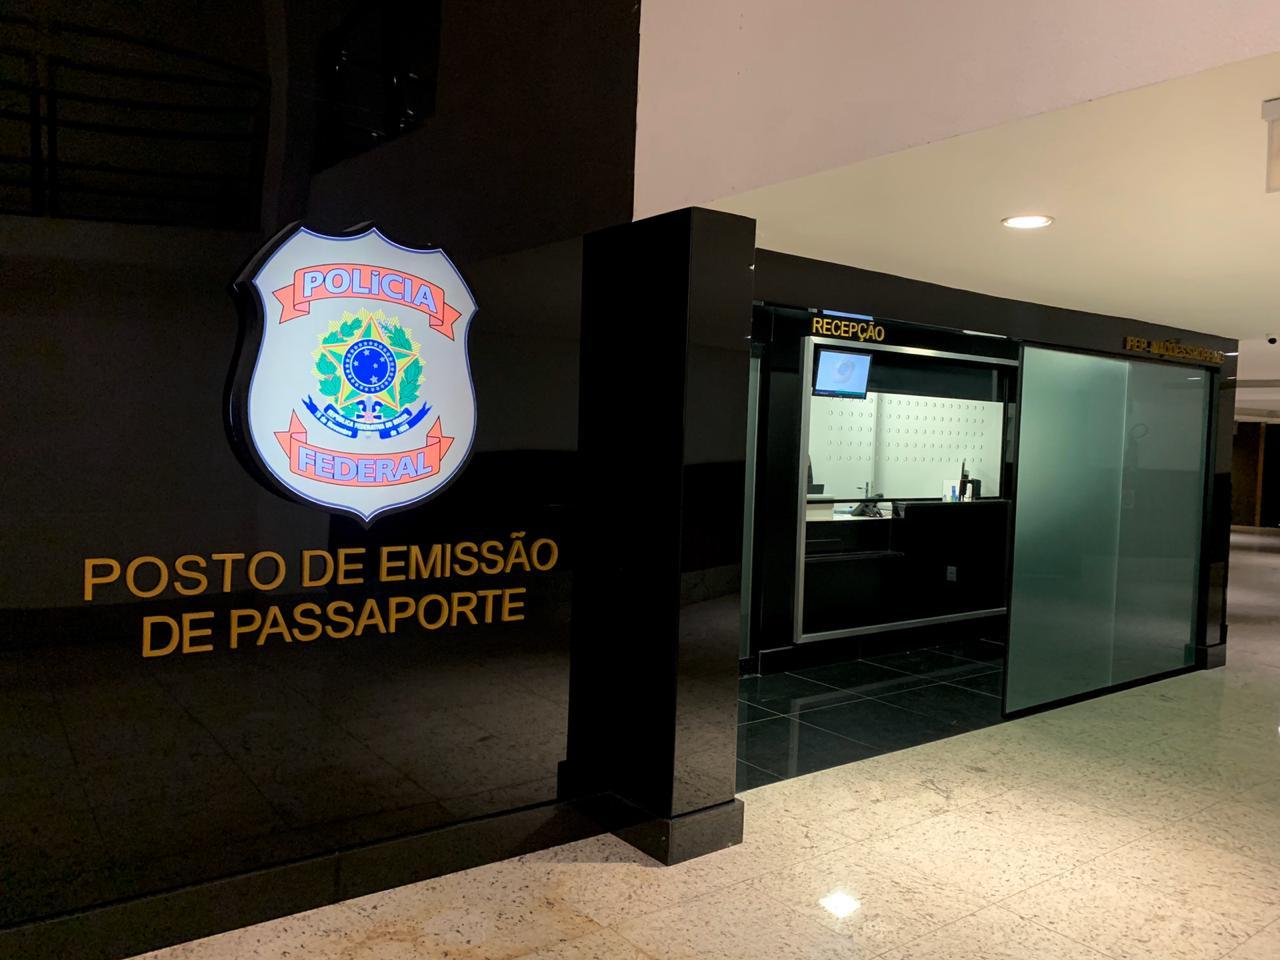 Garten e Nações recebem unidades da Polícia Federal